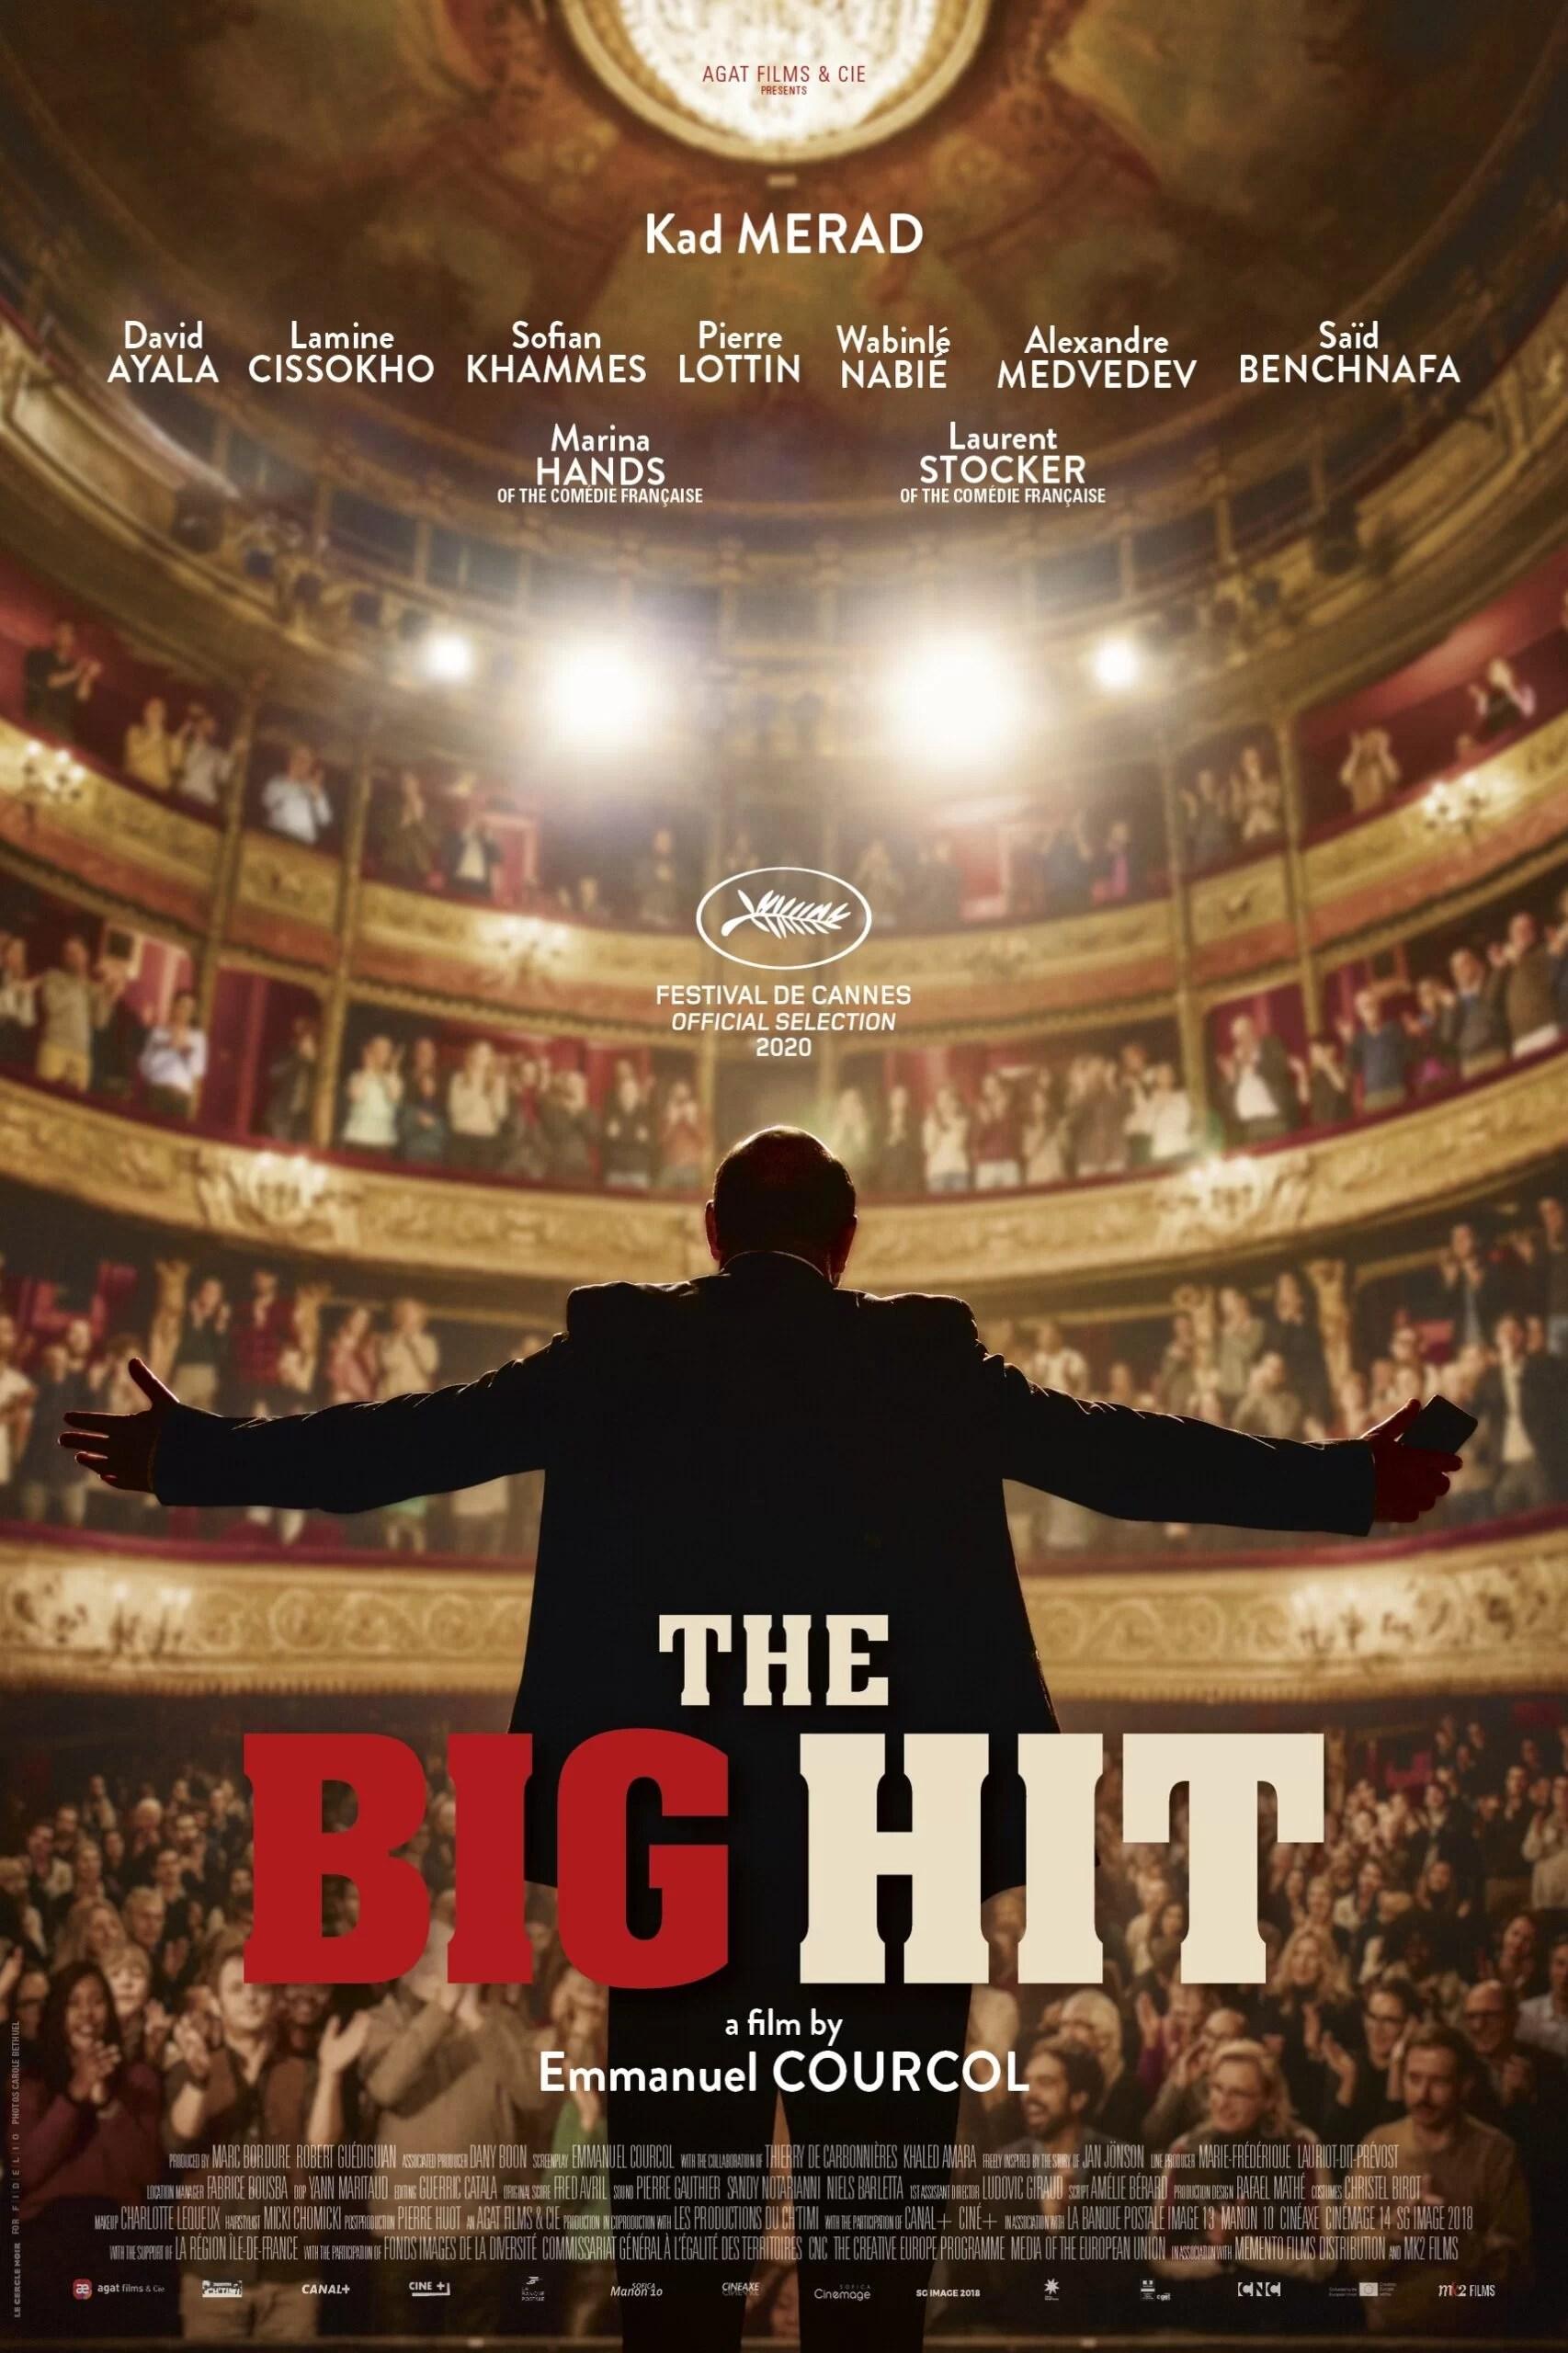 Succes de public (Un Triomphe - The big hit)